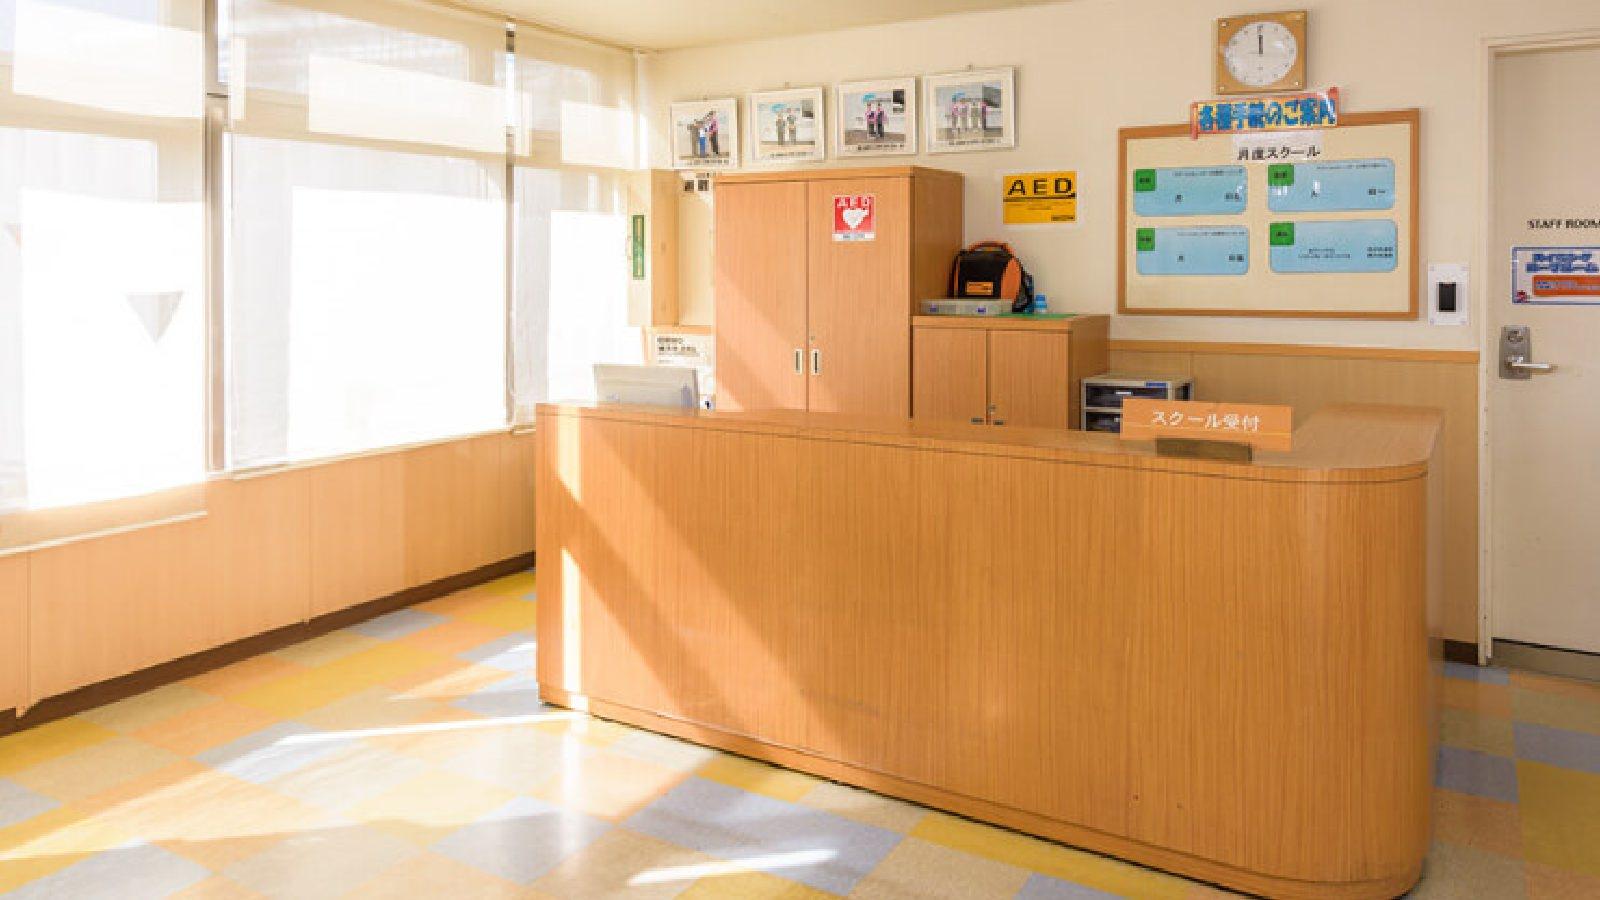 町田店のキッズフロント